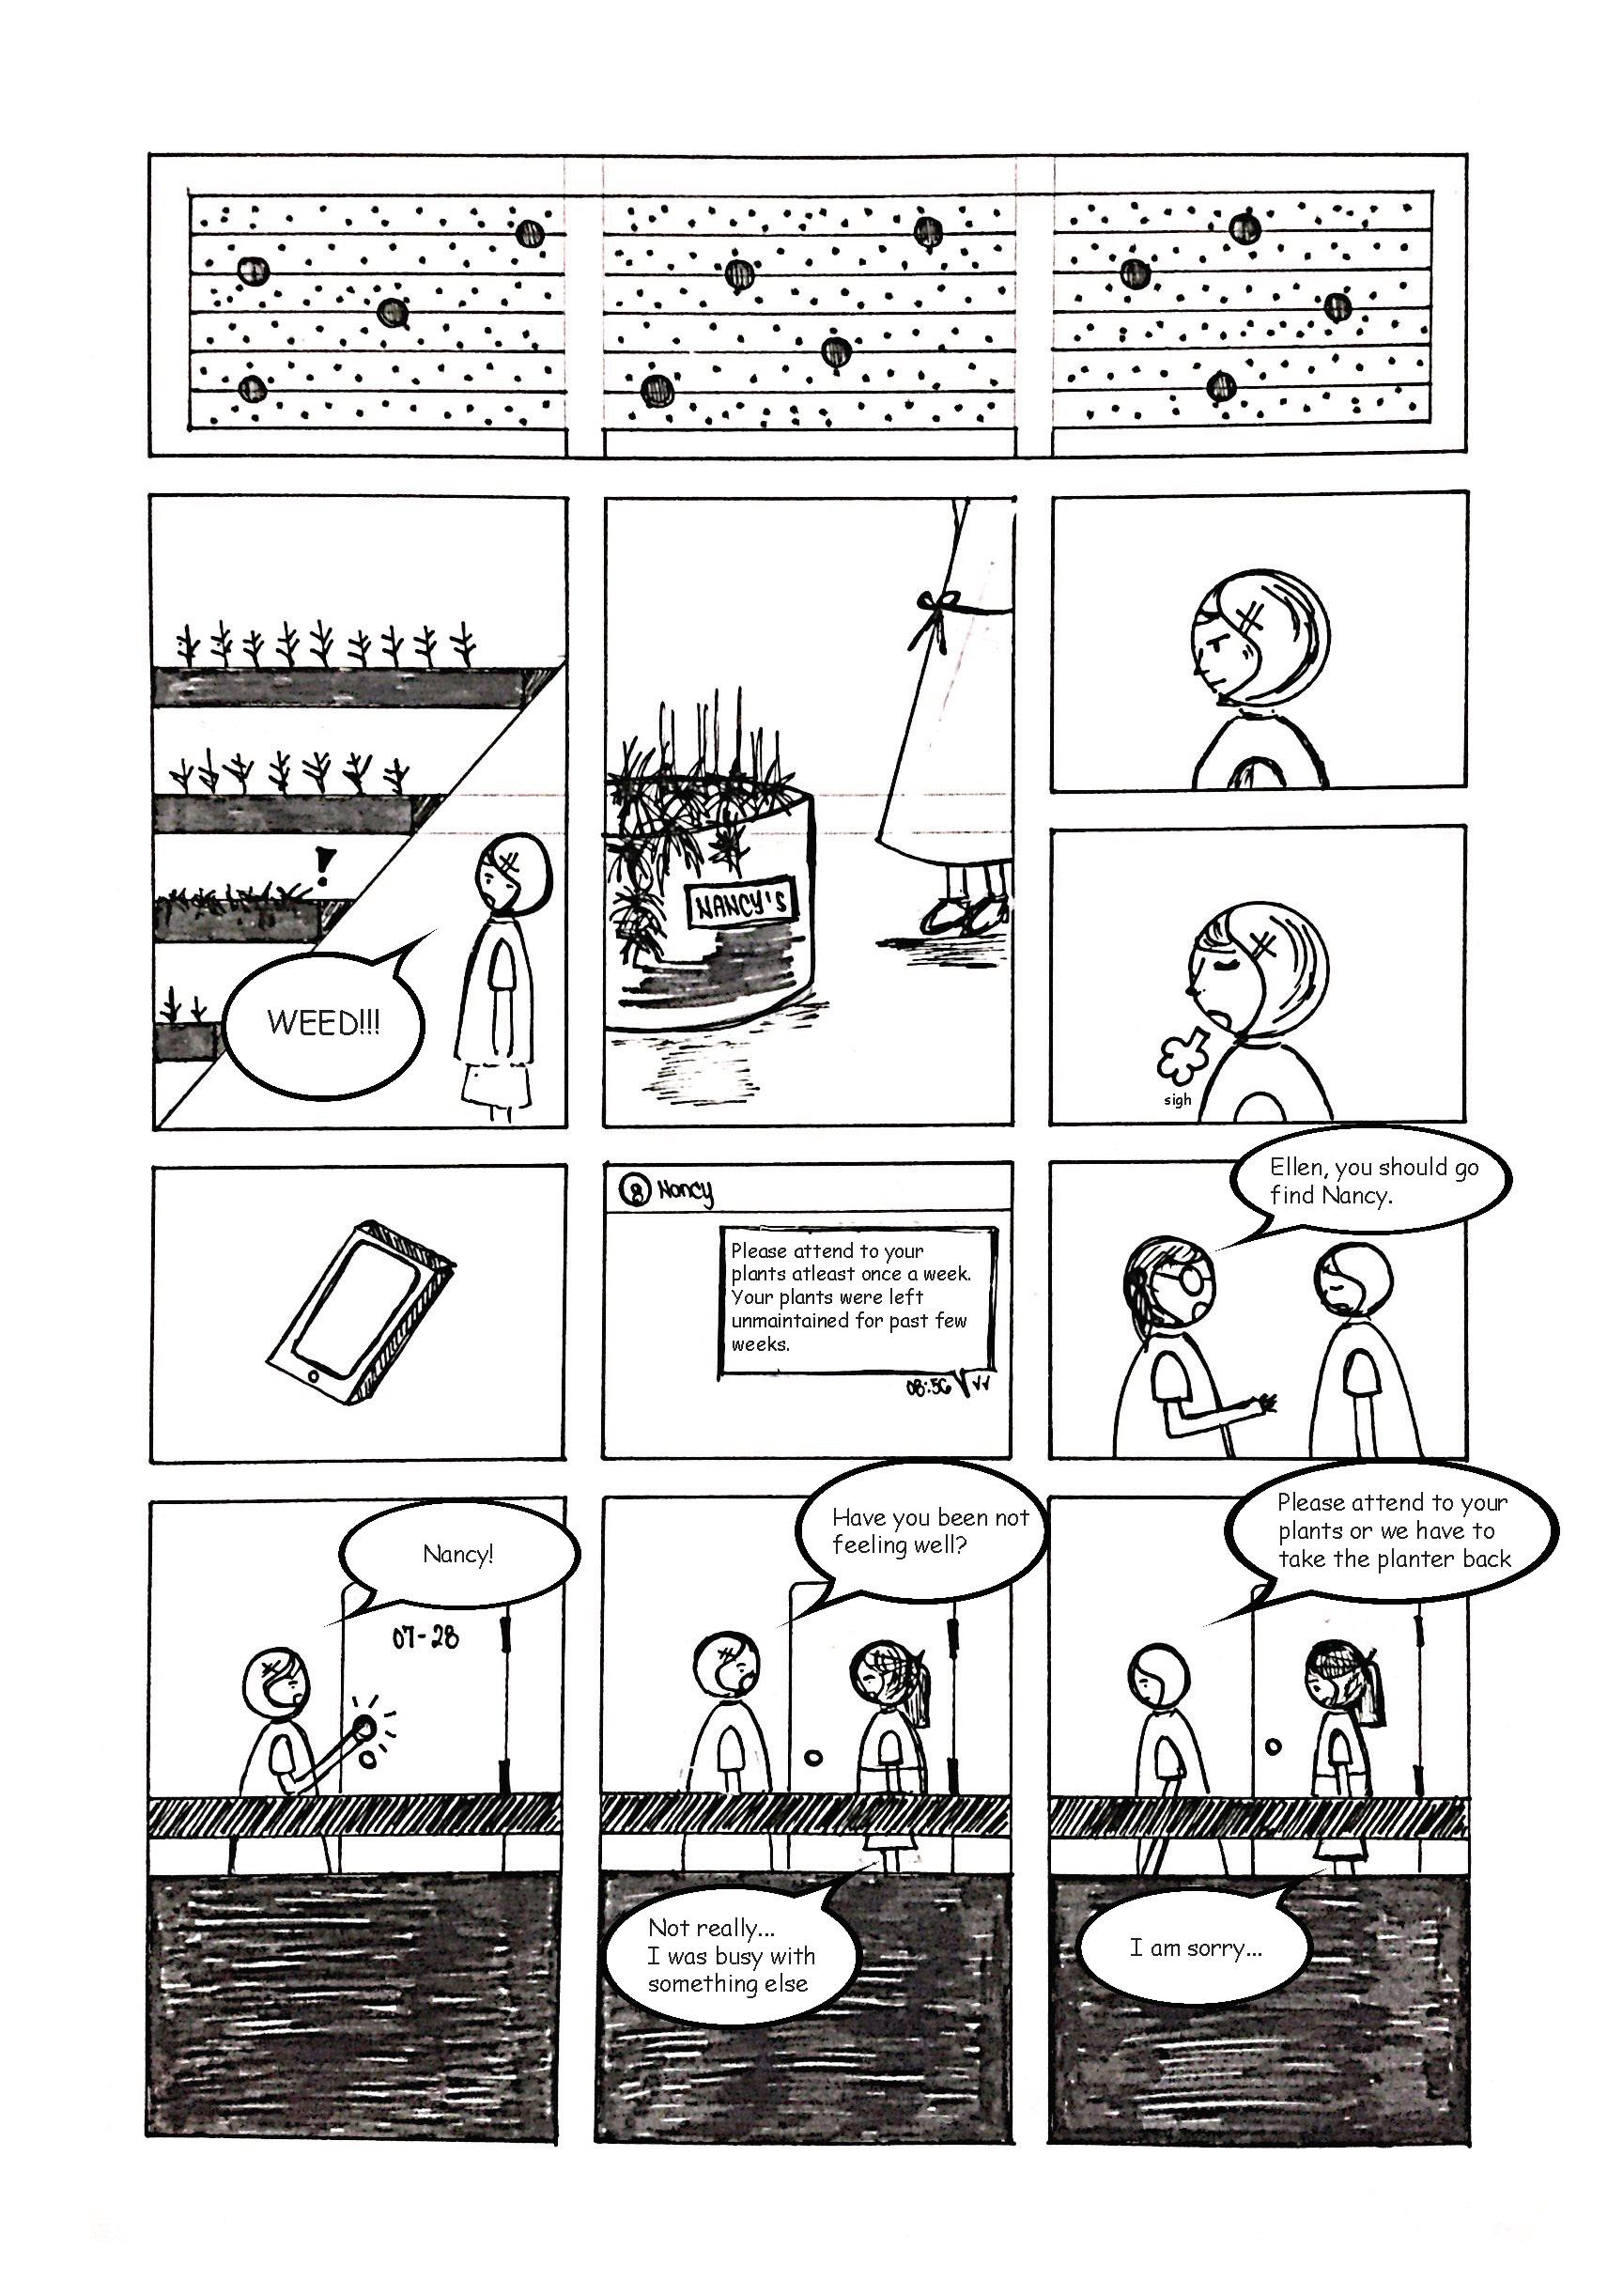 Hyosoo Lee_Week 4 Comic Scans_Page_2.jpg